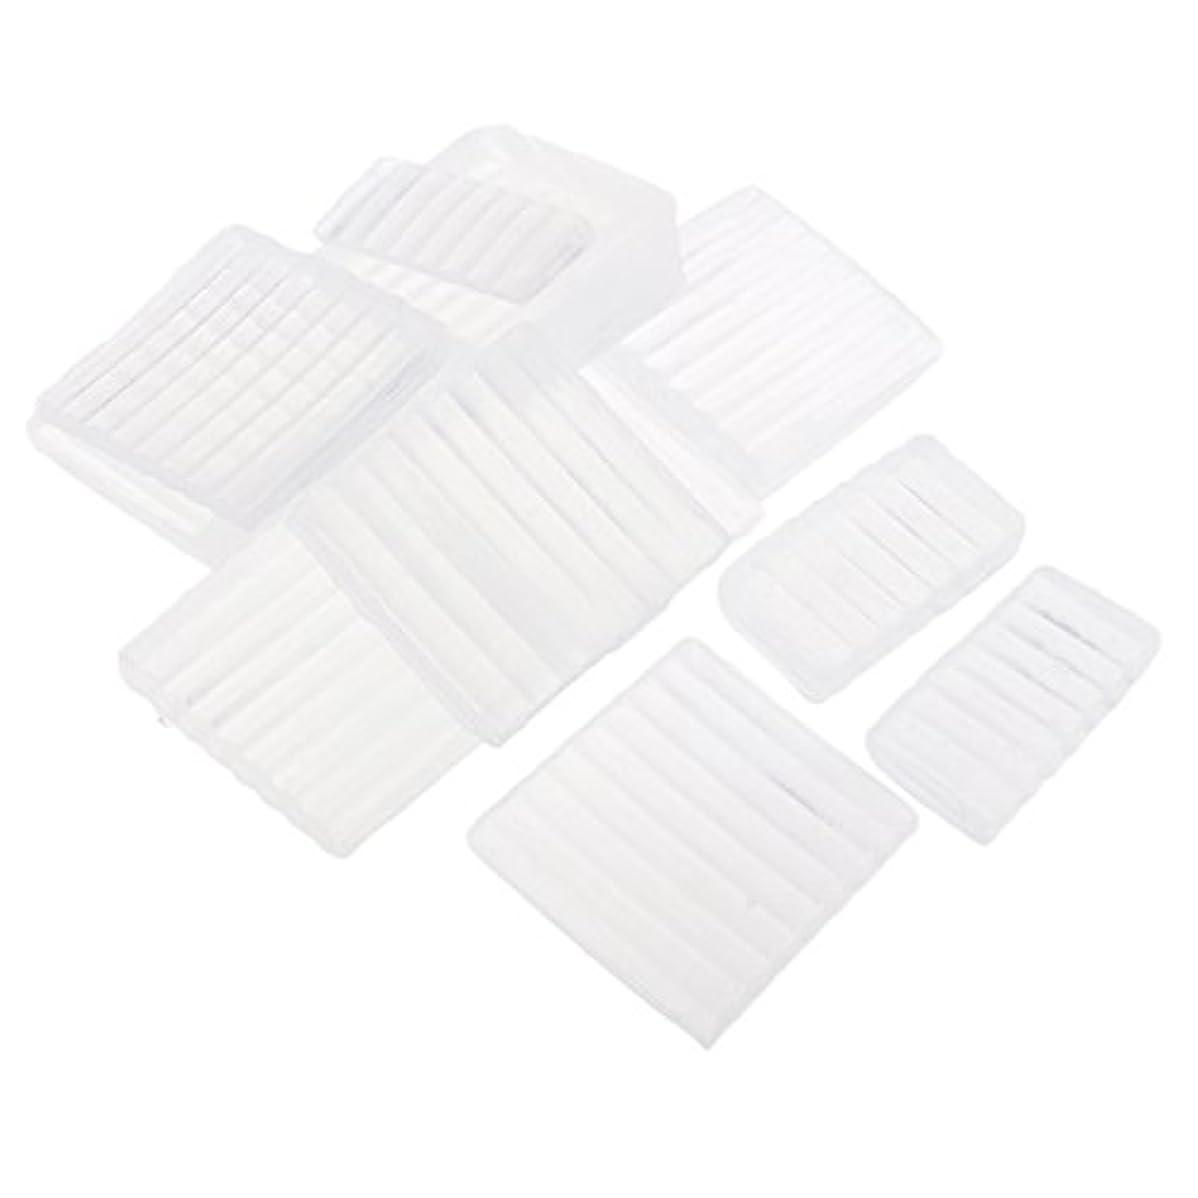 プレミアム加害者大声でホワイト 透明 石鹸ベース DIY 手作り 石鹸 材料 約500g